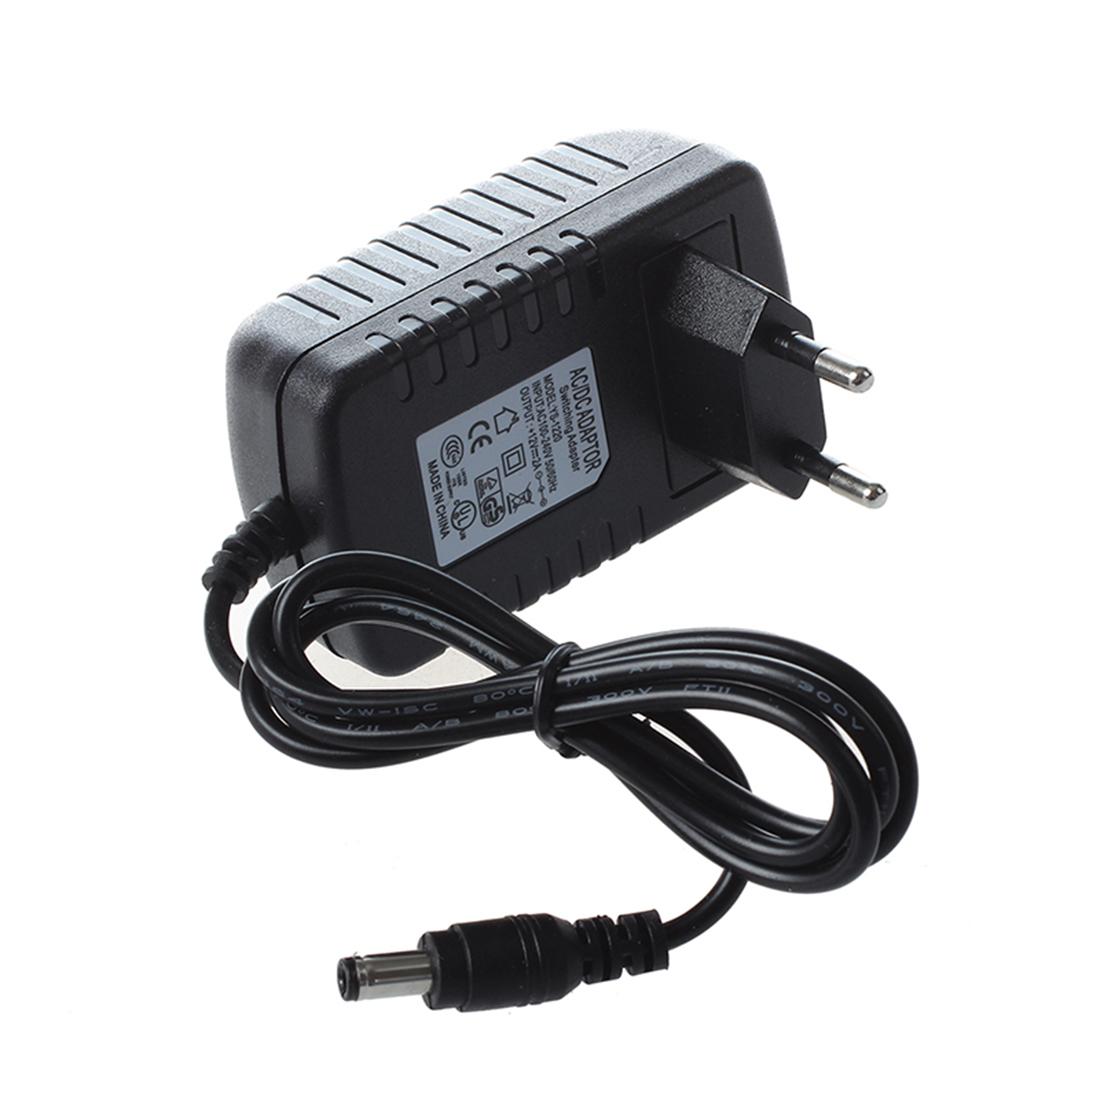 Ac 100 240v Zu Dc 12v 2a Netzteil Adapter Fuer Led Leuchten Adaptor Switching Lichtleiste De